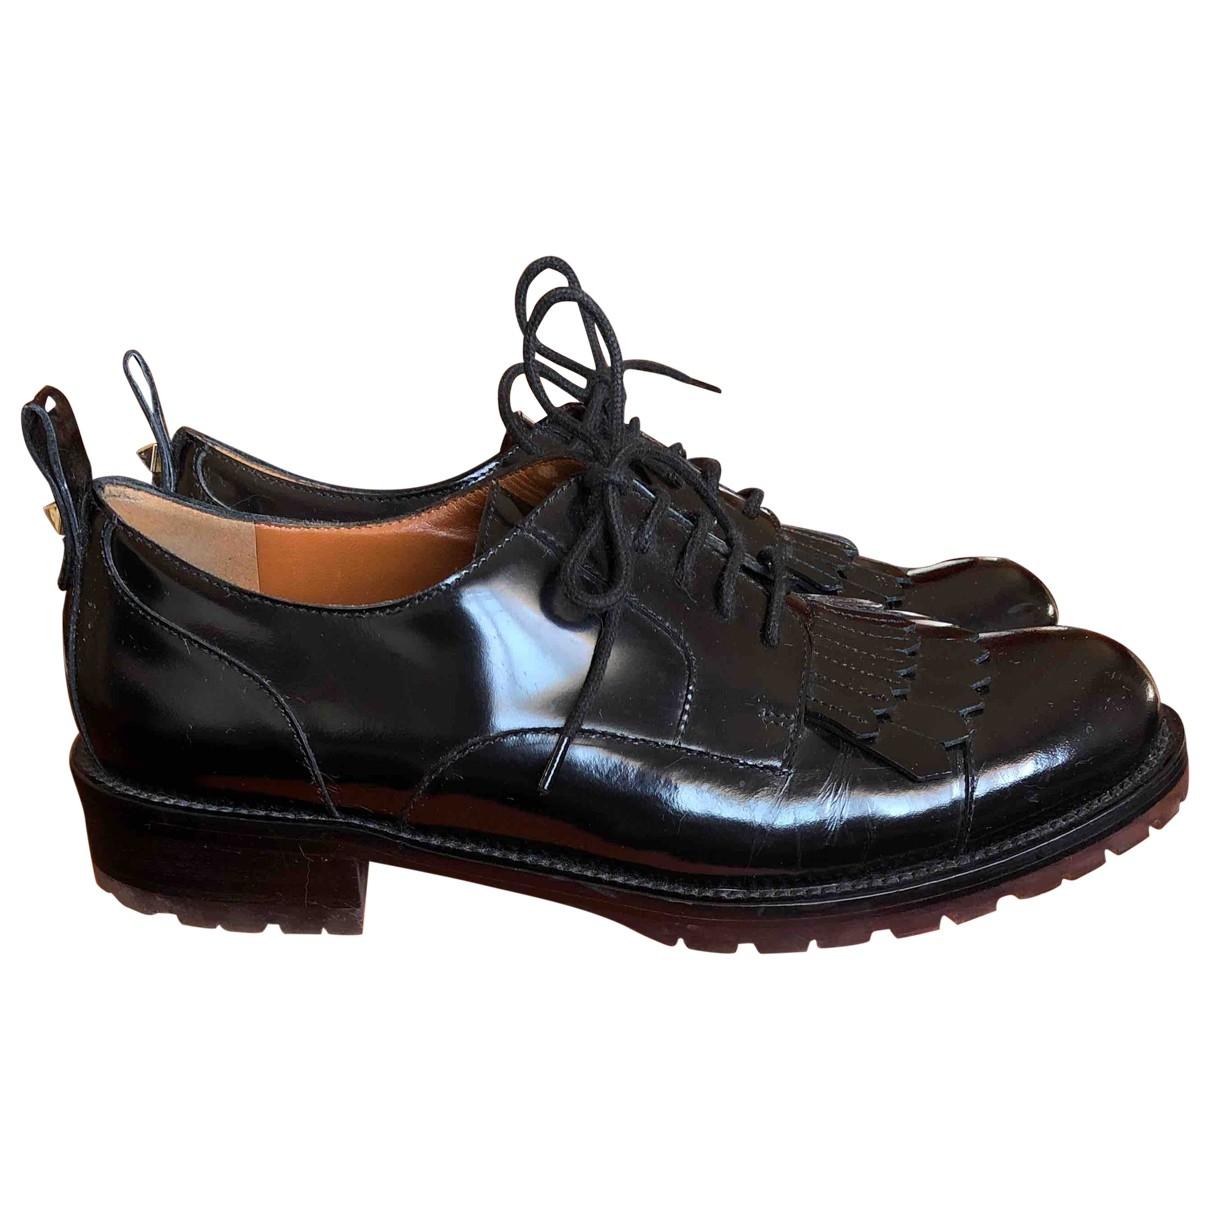 Valentino Garavani - Derbies Rockstud pour femme en cuir verni - noir